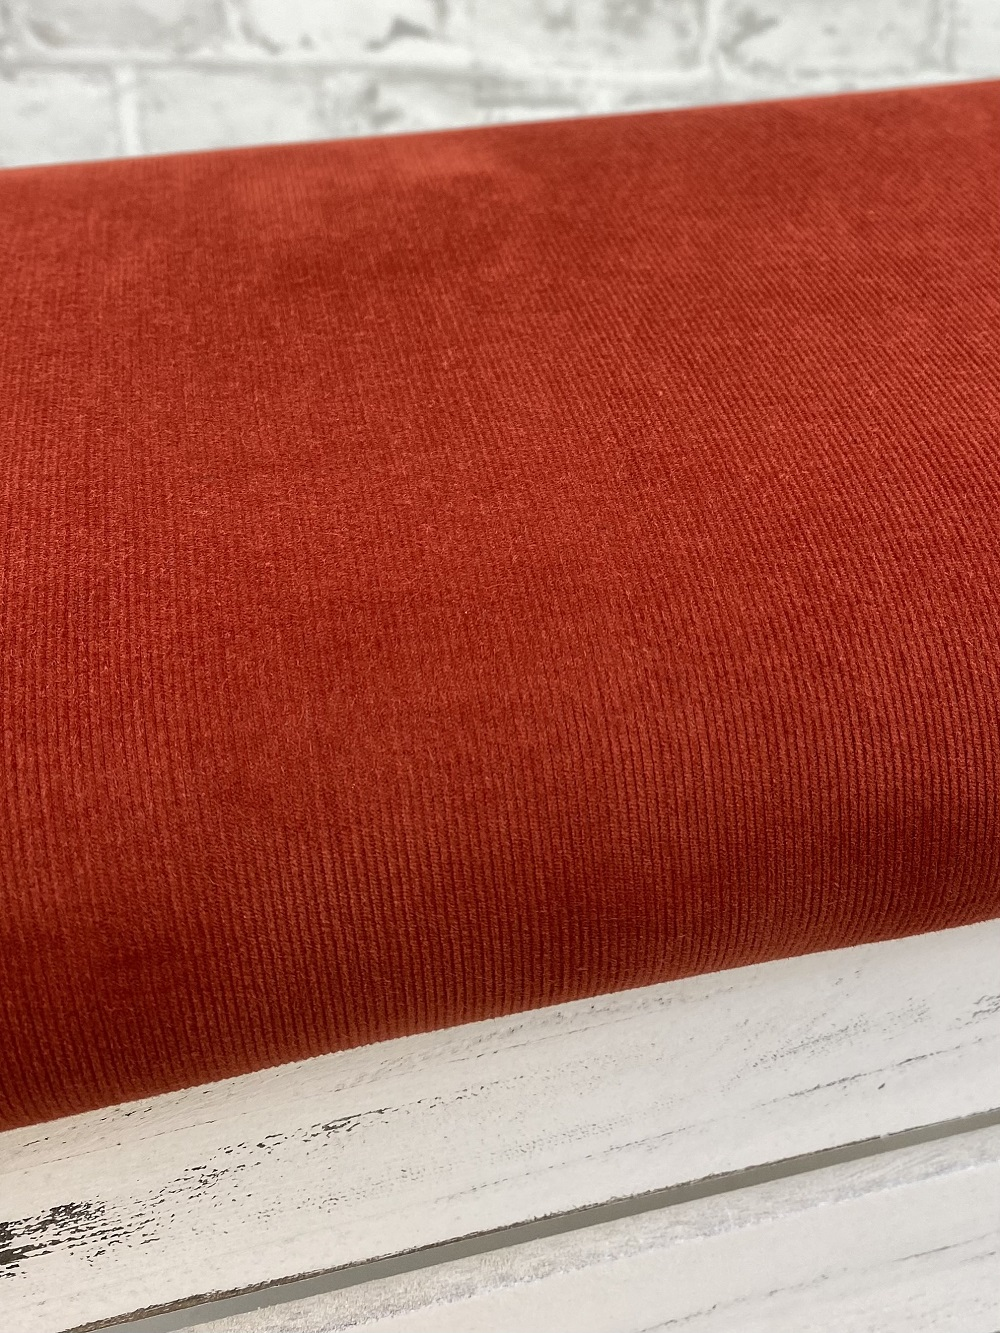 Feincord gewaschen, rost. Art. 4809/1537